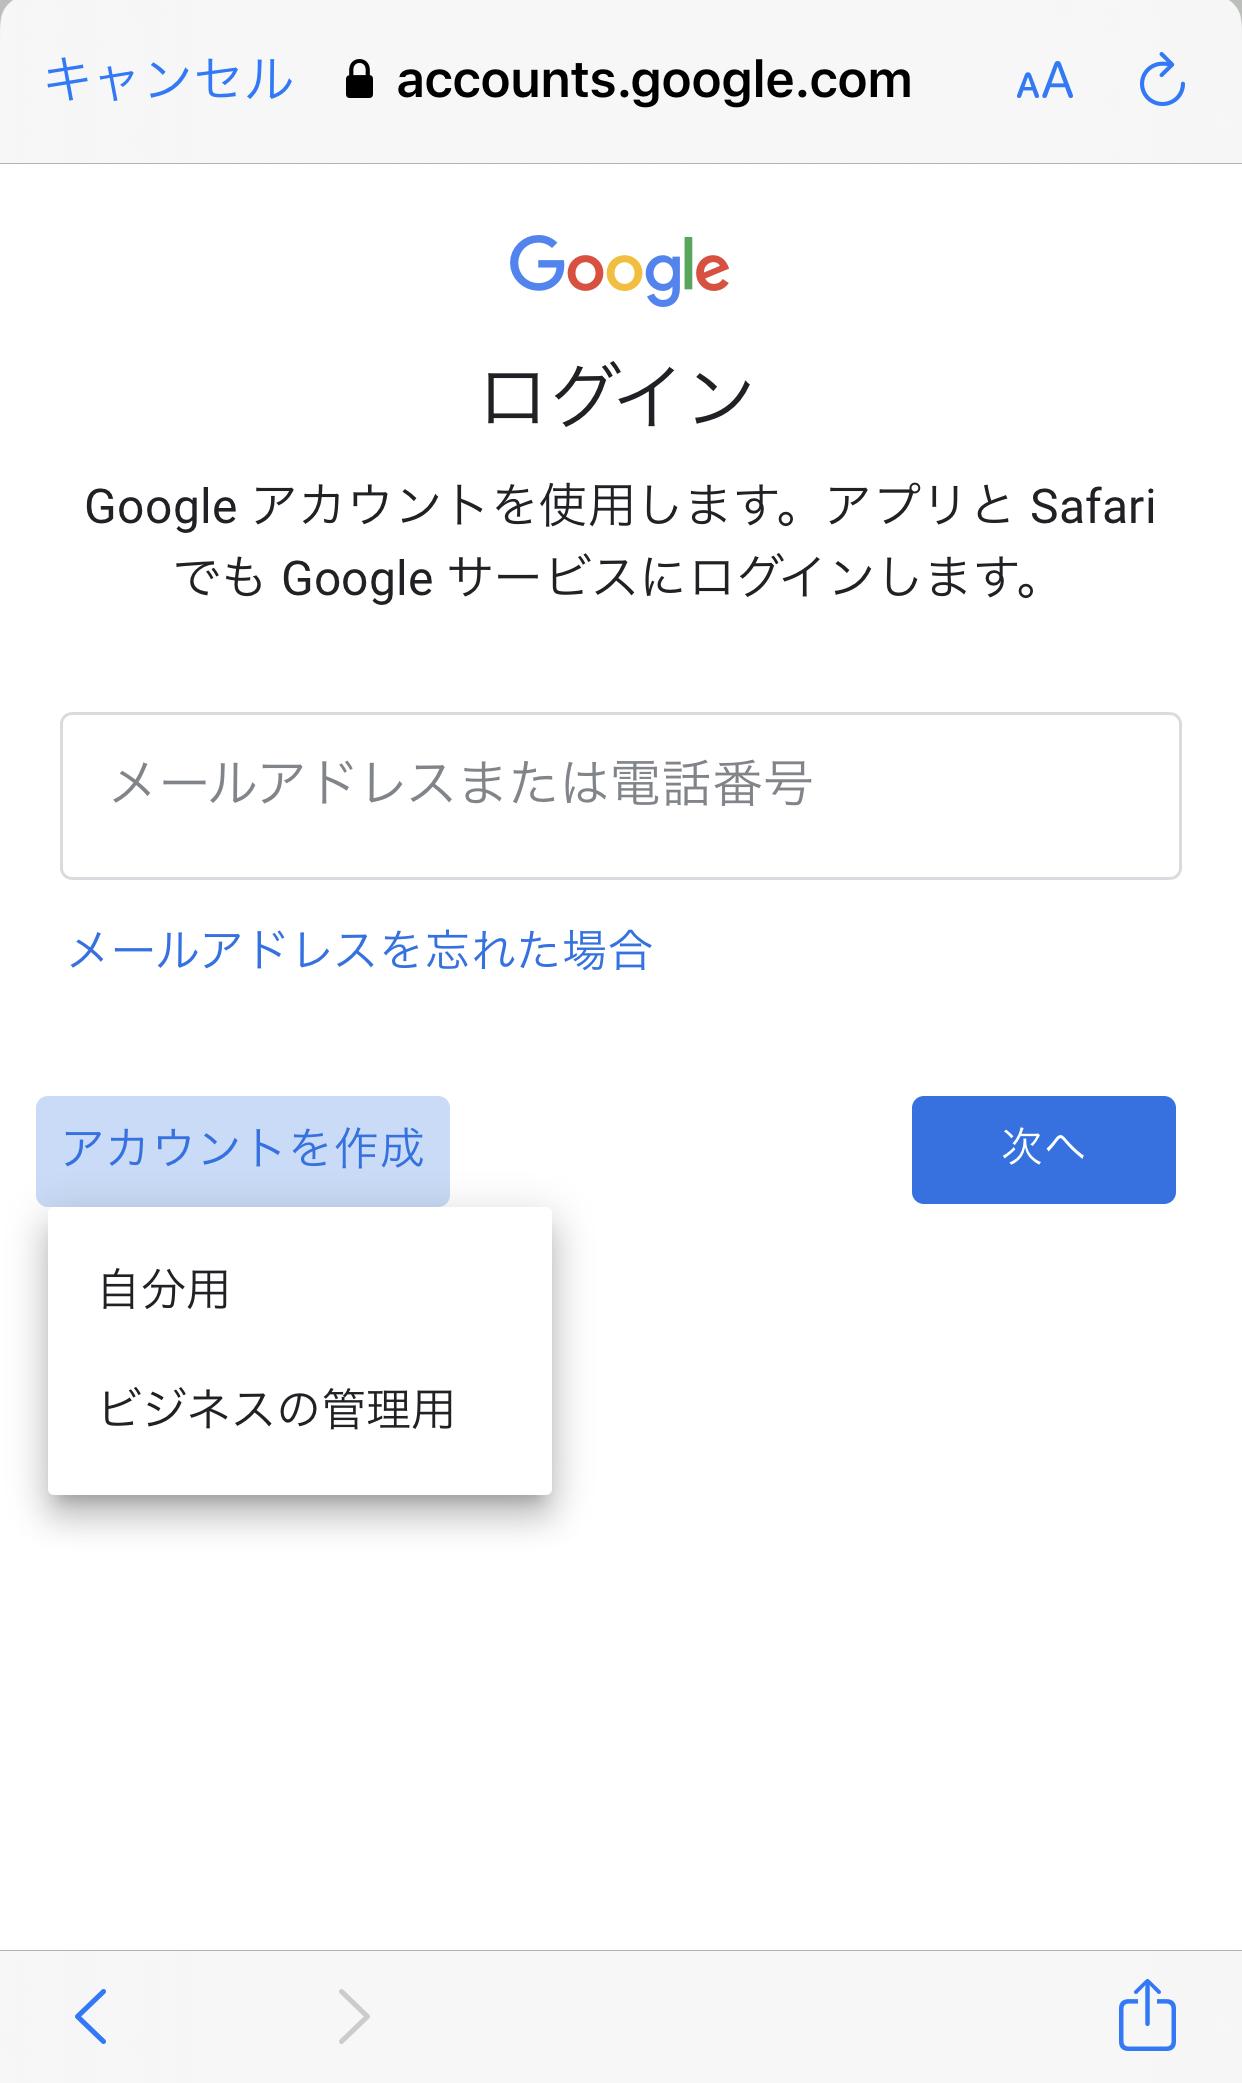 Google アカウント 新しい